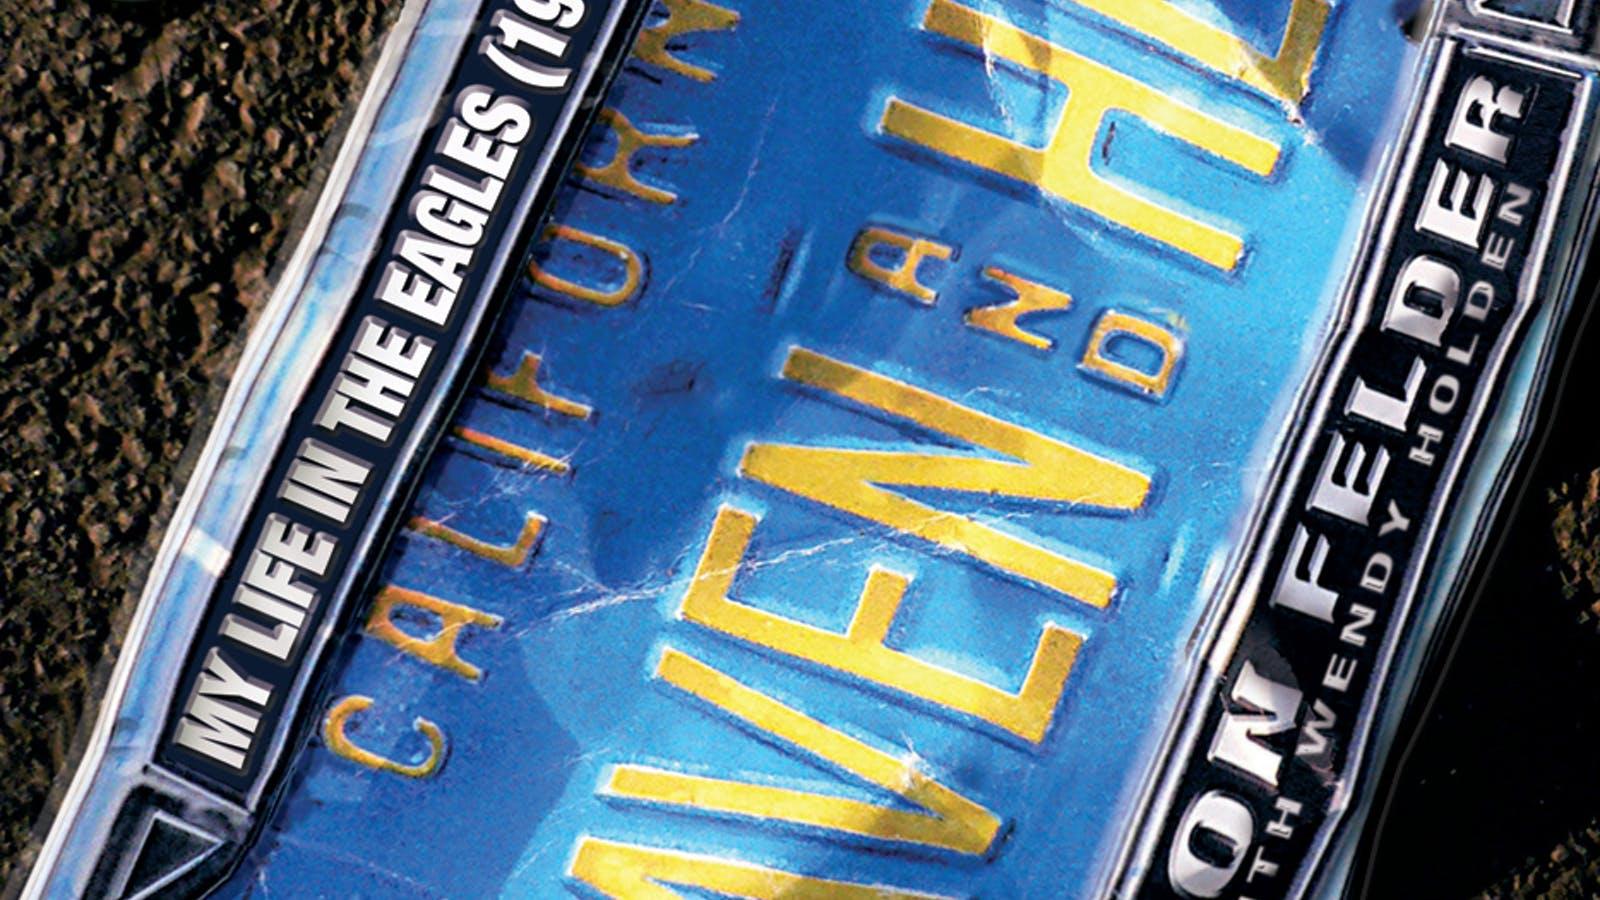 Don Felder CD covers - Road to Forever #1 & #2